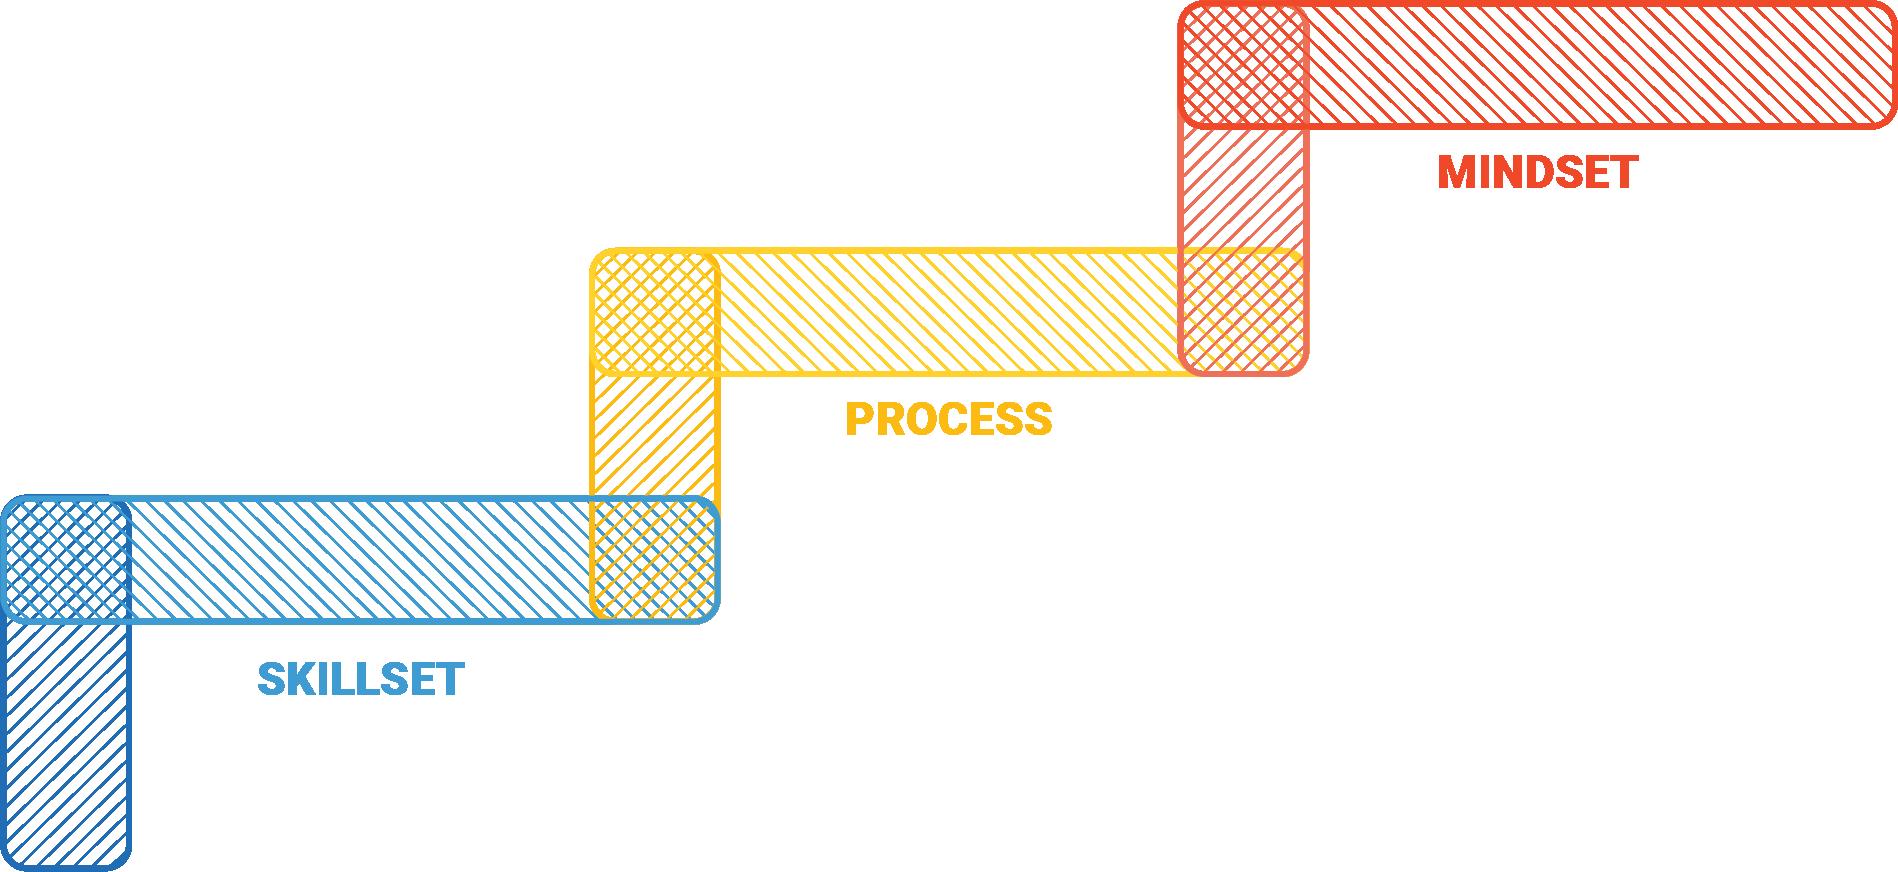 Graphic of mindset built on process, built on skillset steps